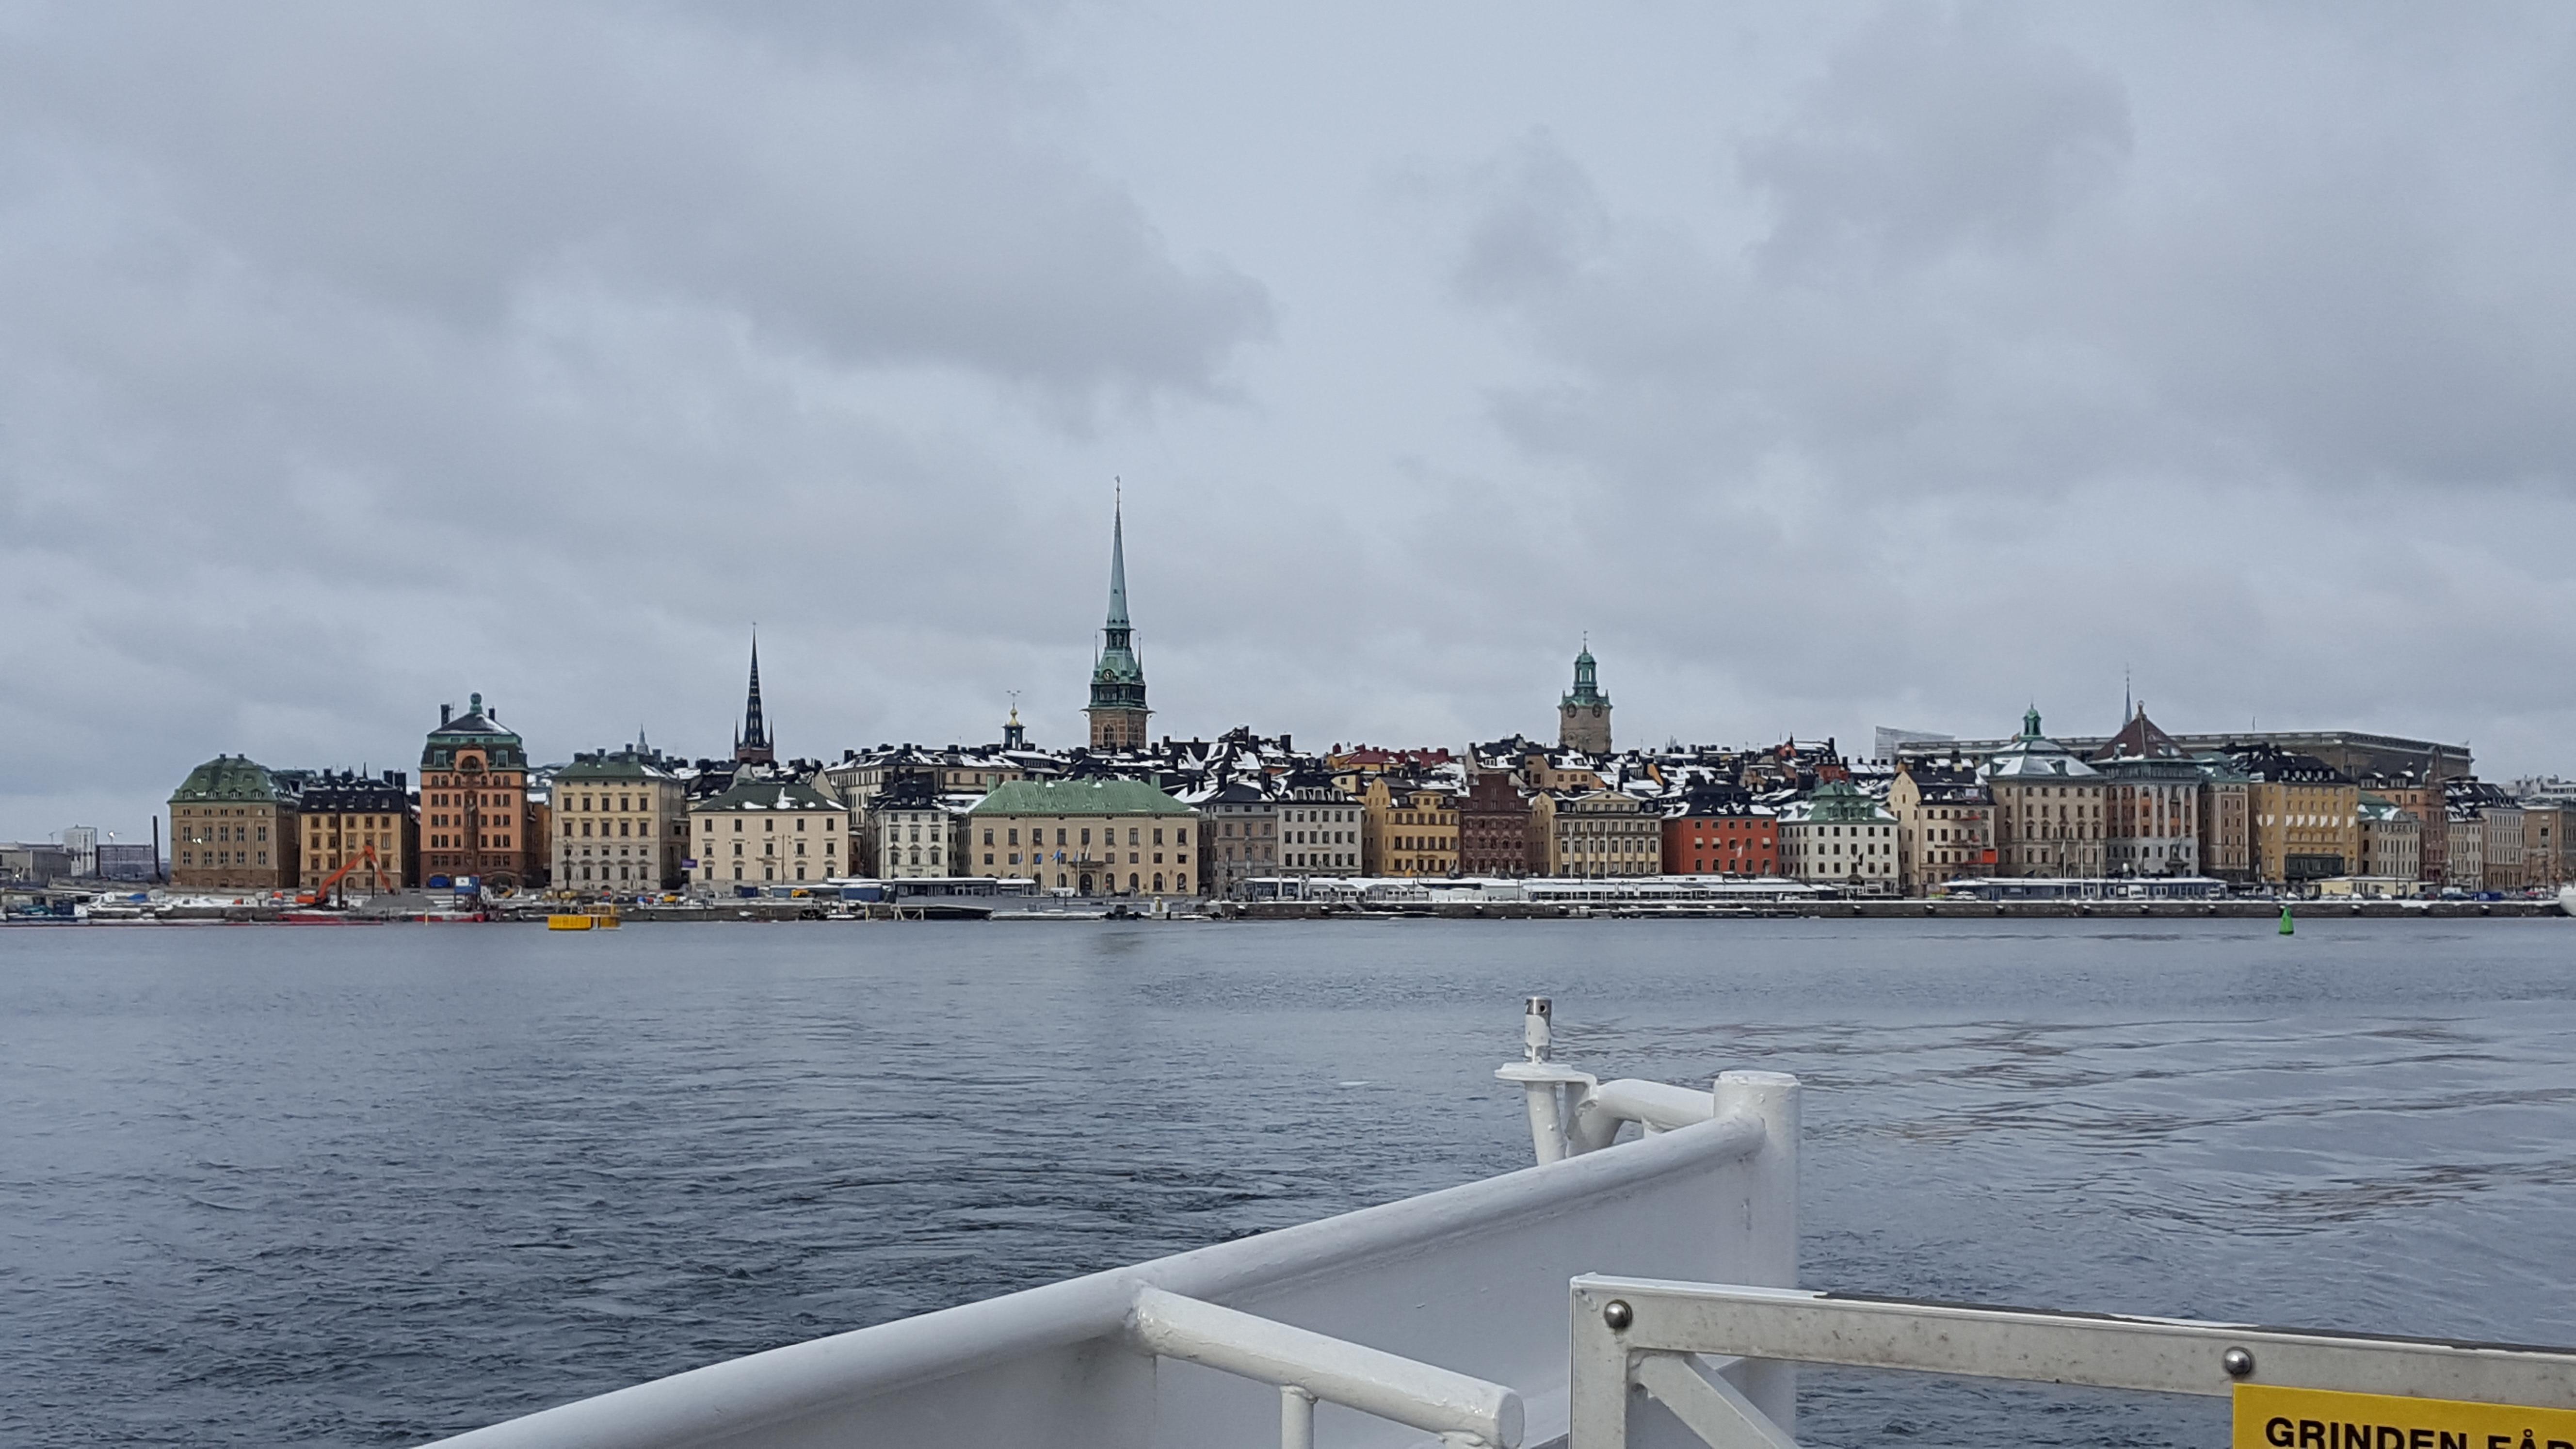 Ride on the Djurgården ferry   Visit Stockholm Visit stockholm in the winter dontask4salt